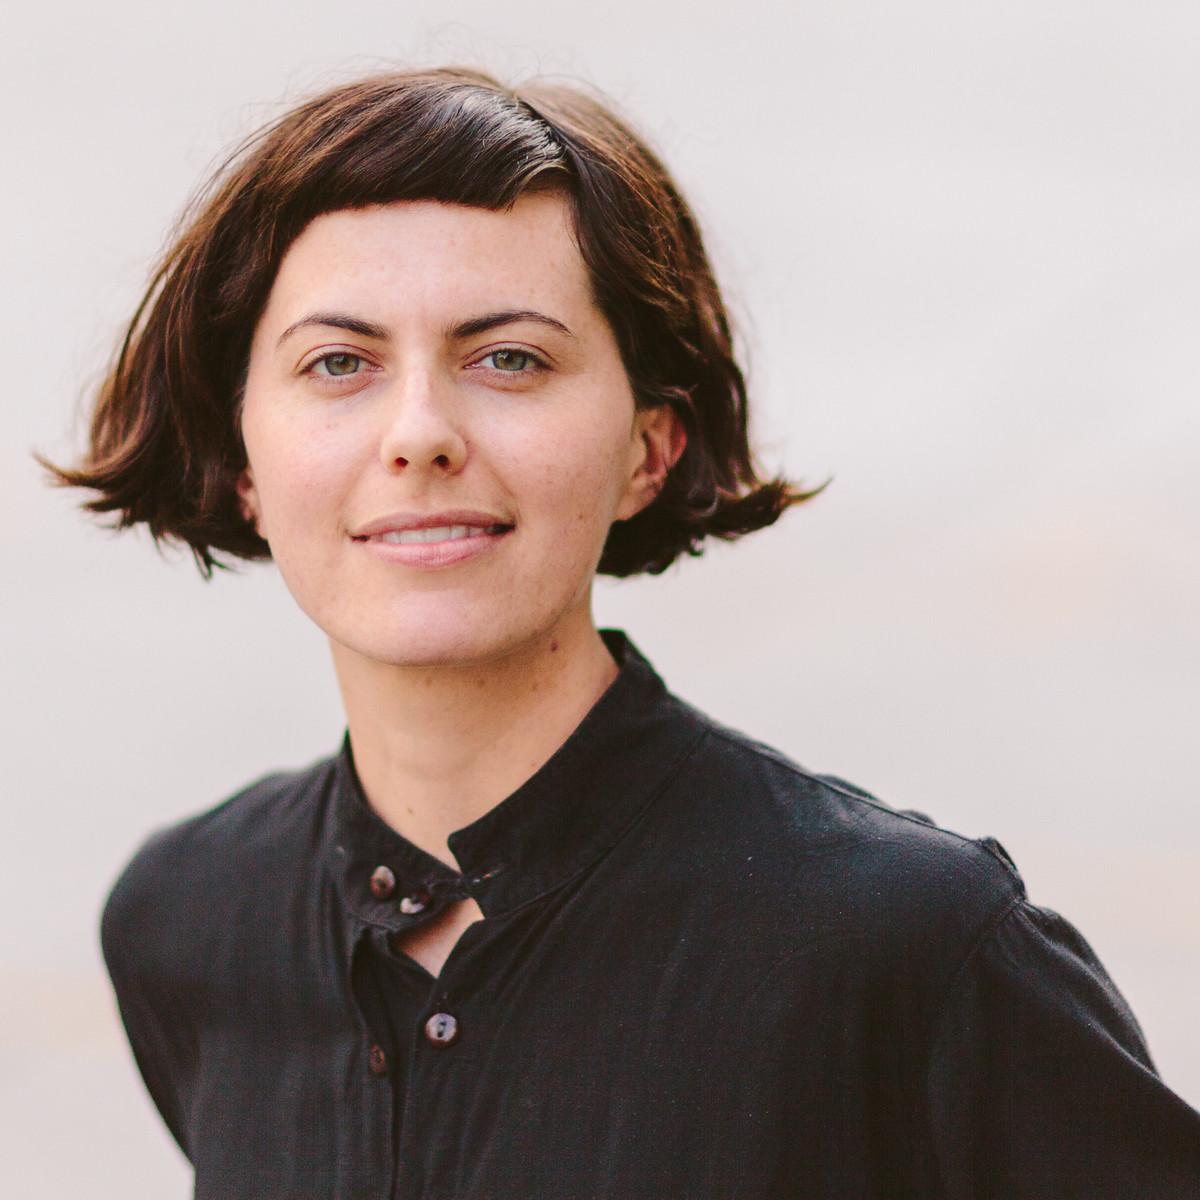 Amanda Sommer Lotspike